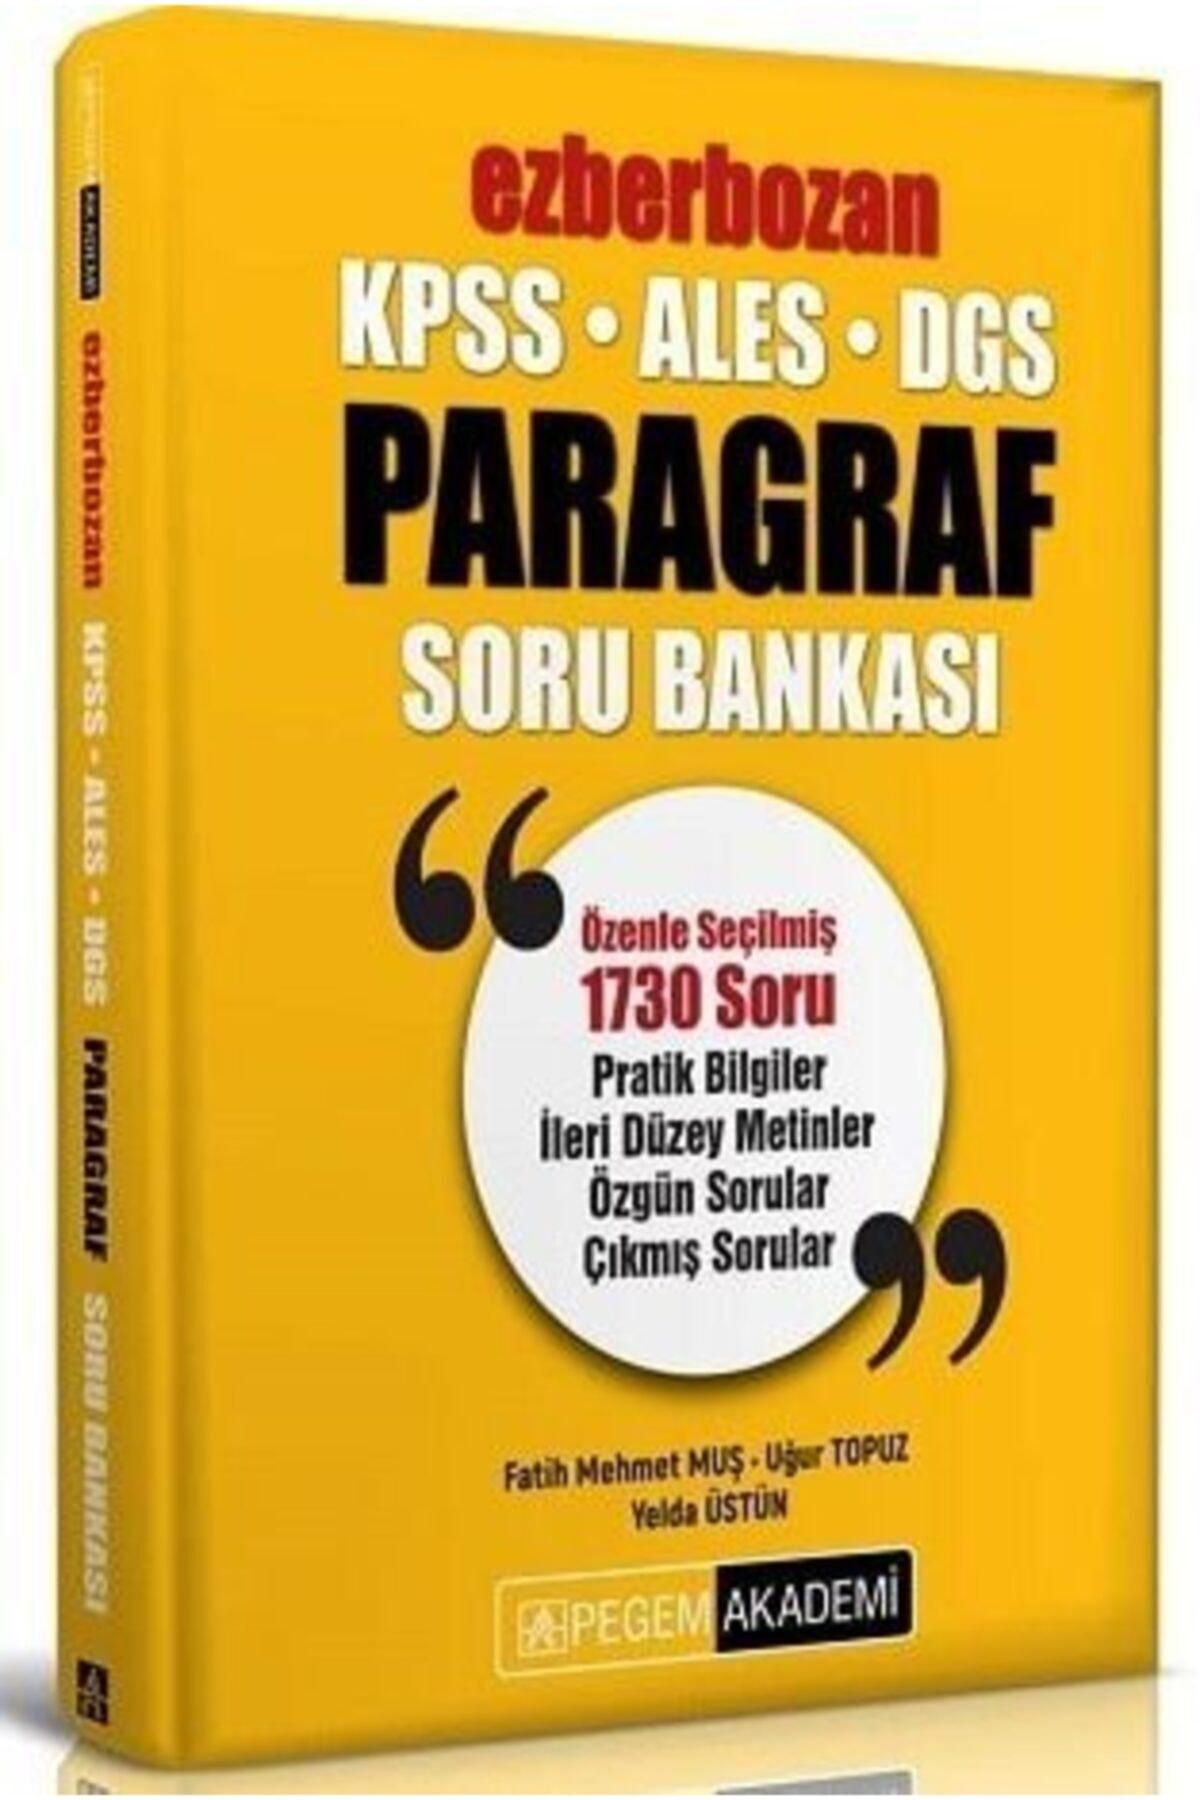 Pegem Akademi Yayıncılık Pegem Yayınları 2020 Kpss Ales Dgs Ezberbozan Paragraf Soru Bankası 1